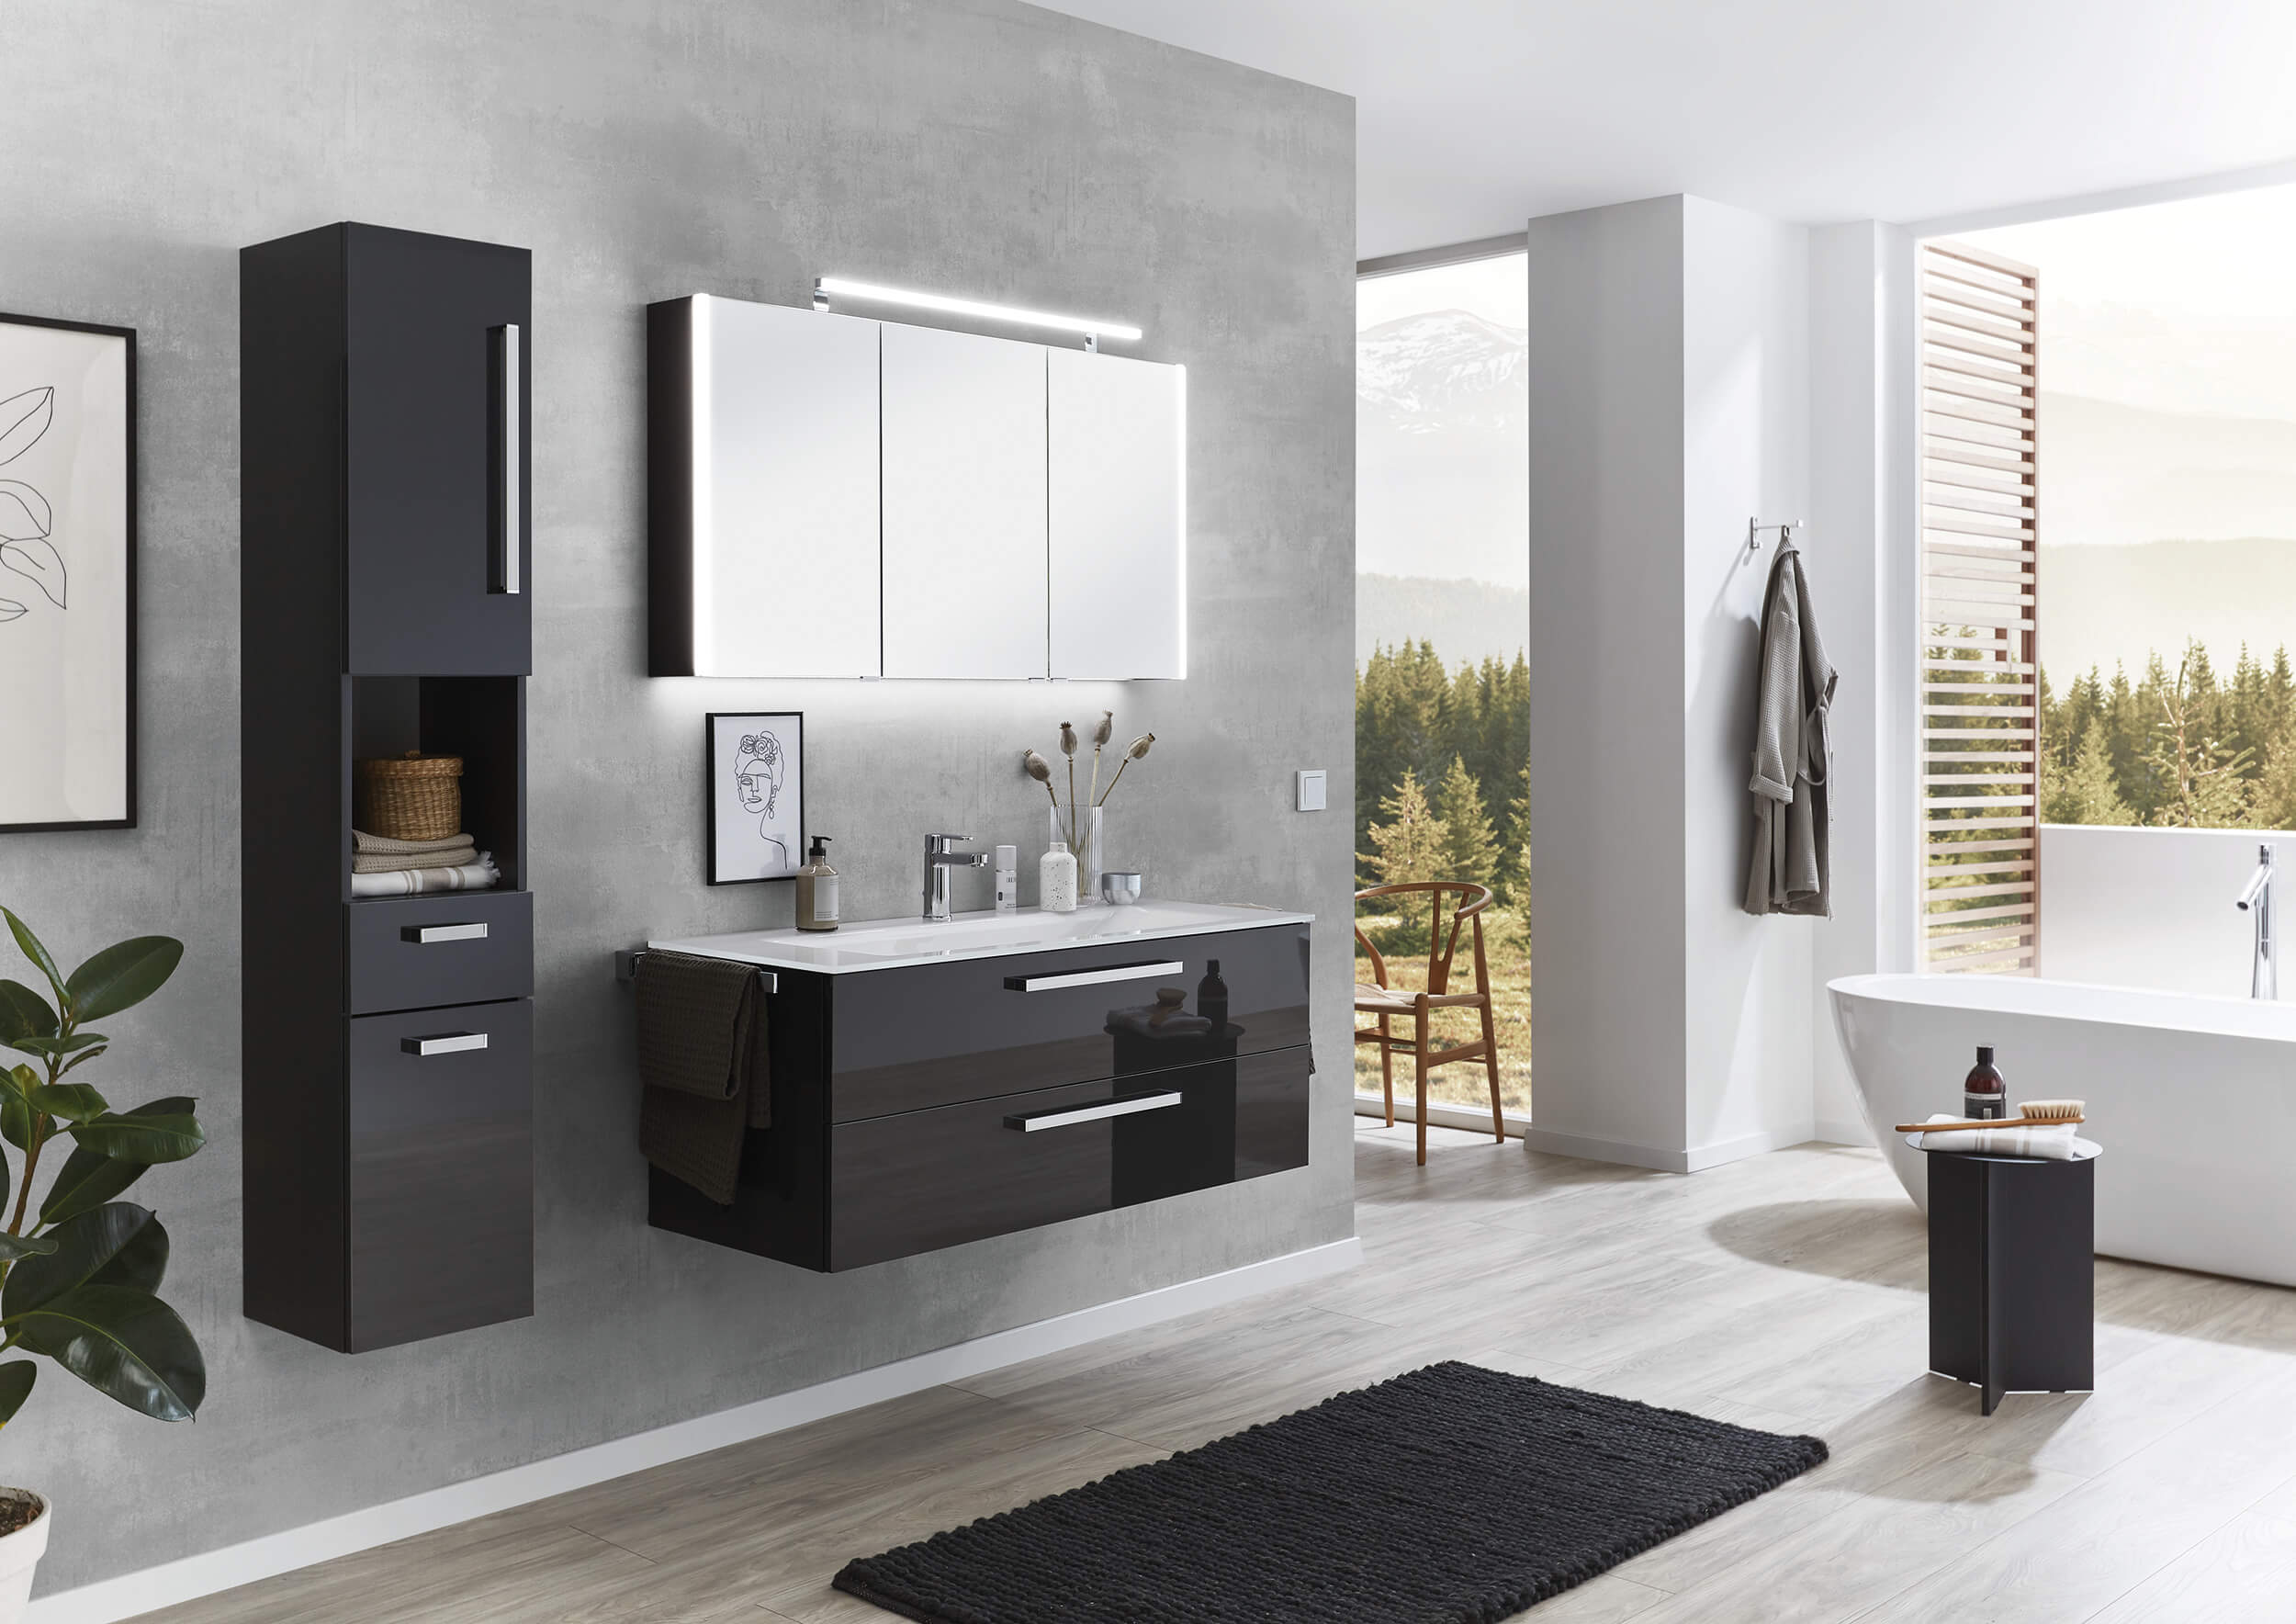 Badezimmer planen | Einrichtungsplaner - Eilmannsberger